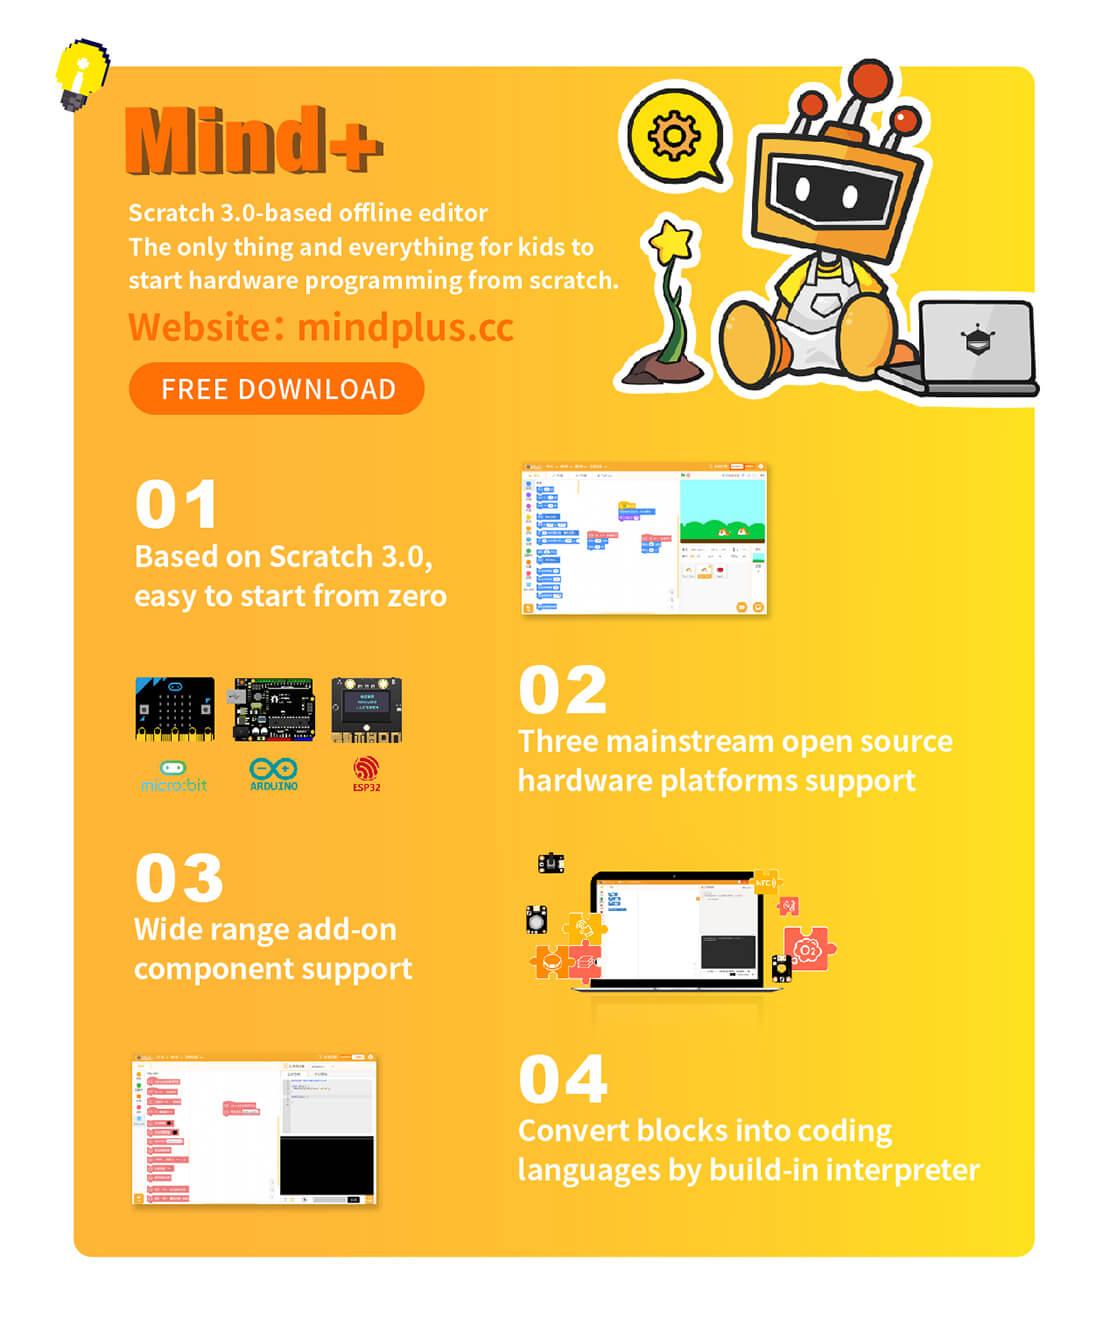 mindplus, mind +, mind+